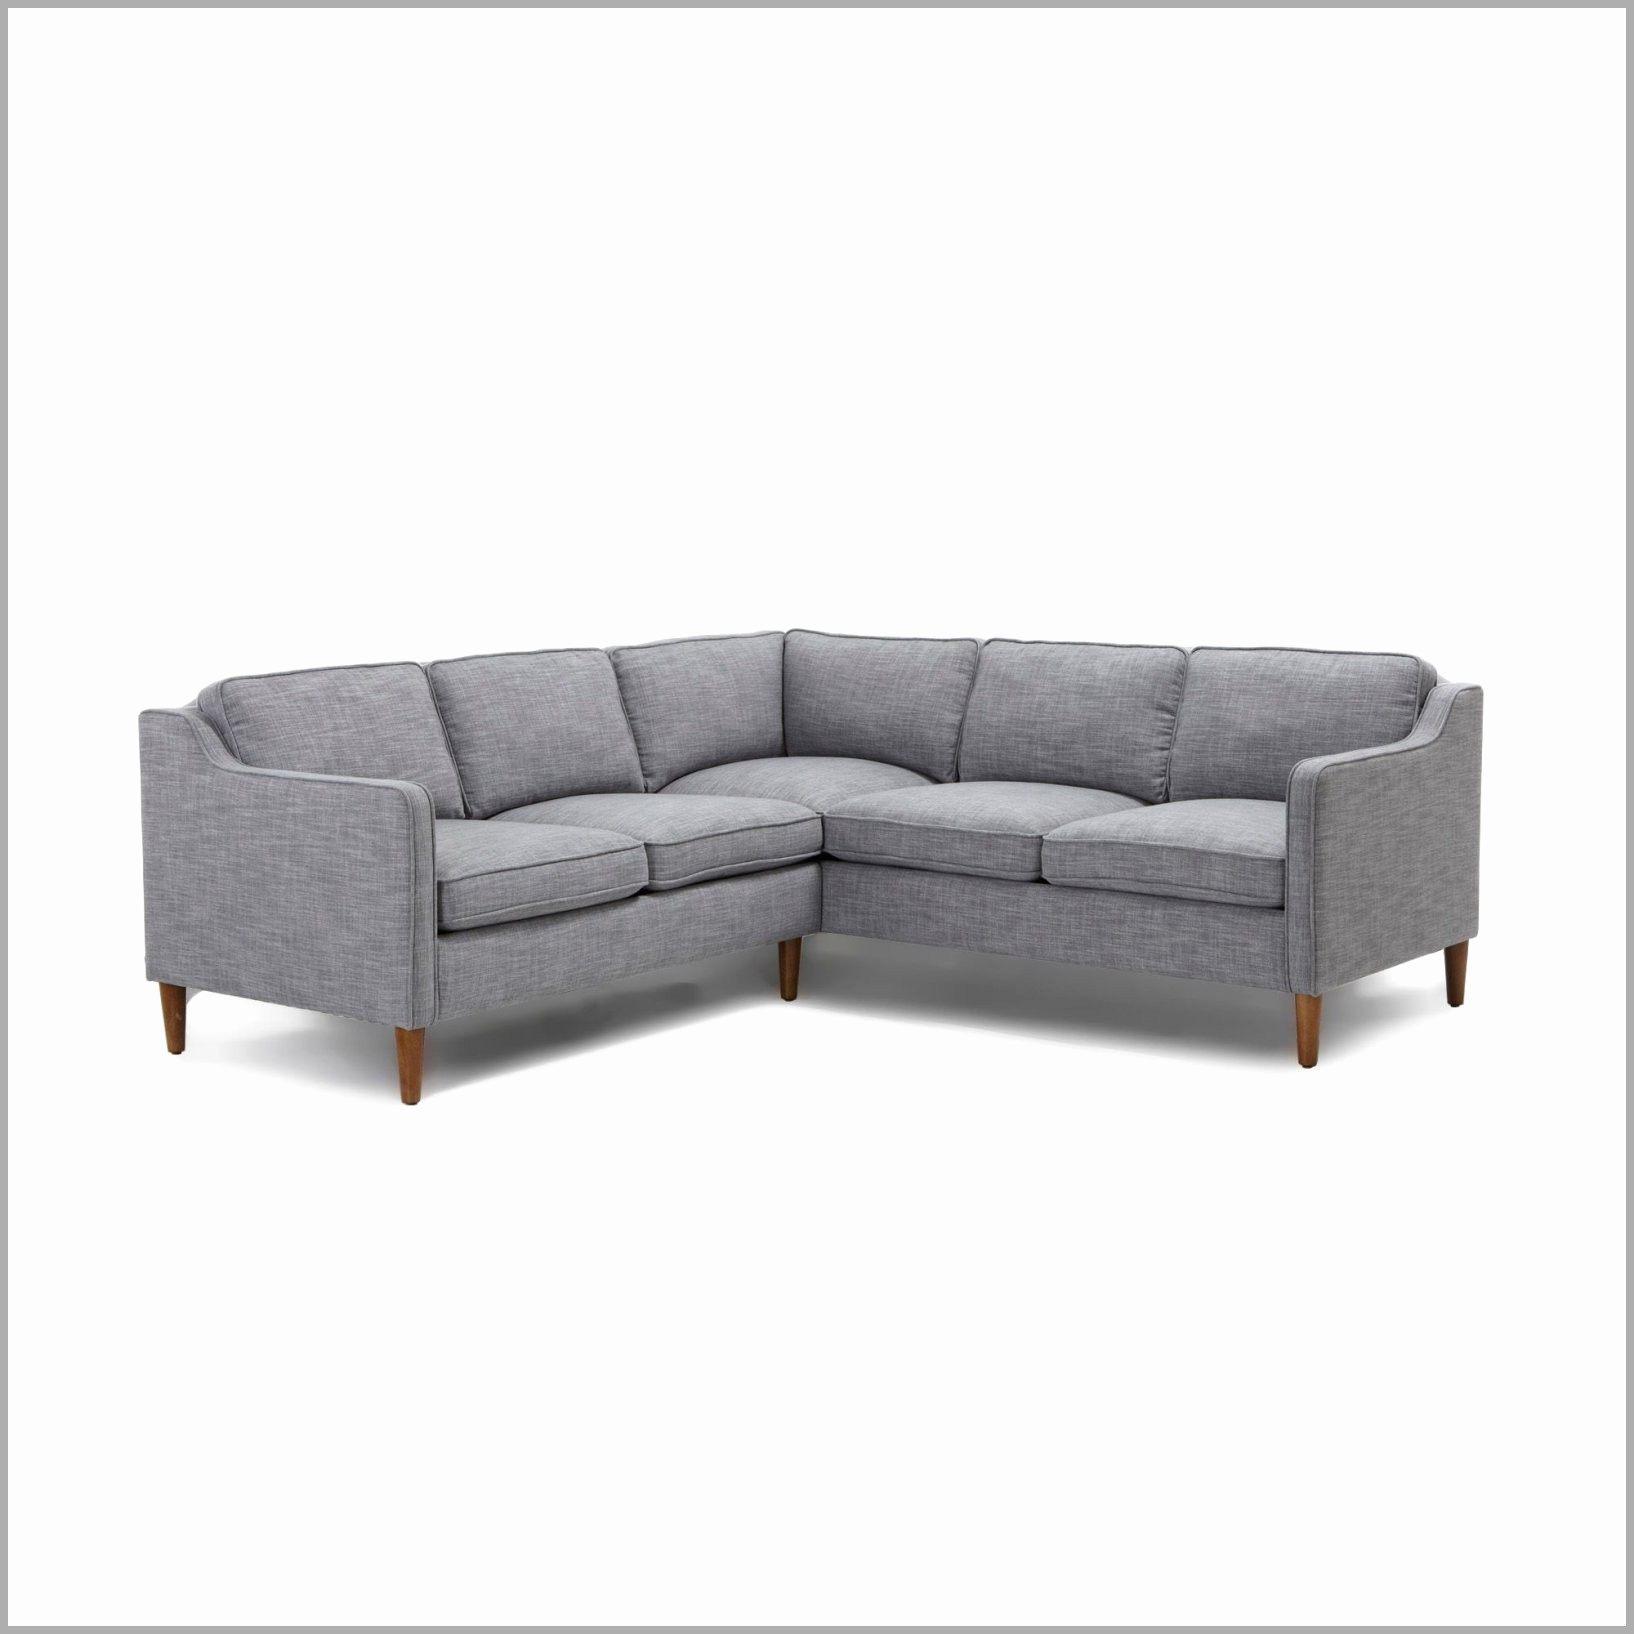 Canapé Lit Pour Dormir tous Les Jours Frais Canapé D Angle Convertible Moderne source D Inspiration Mod¨le